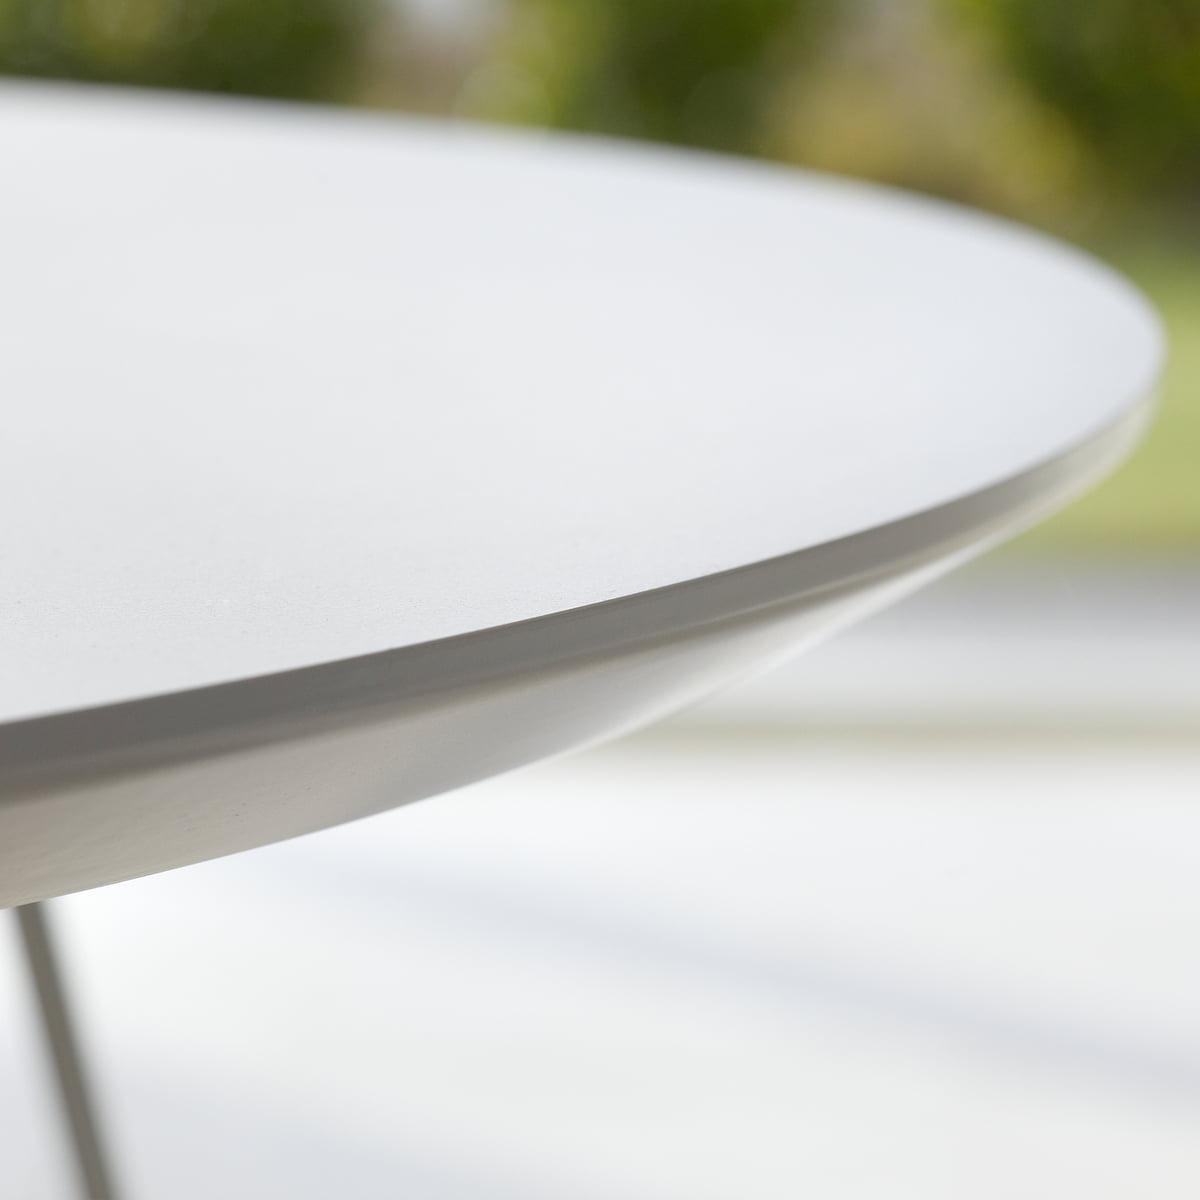 Esstisch oval weiß  Andersen Furniture - DK10 Ausziehtisch oval, weiß/eiche geölt